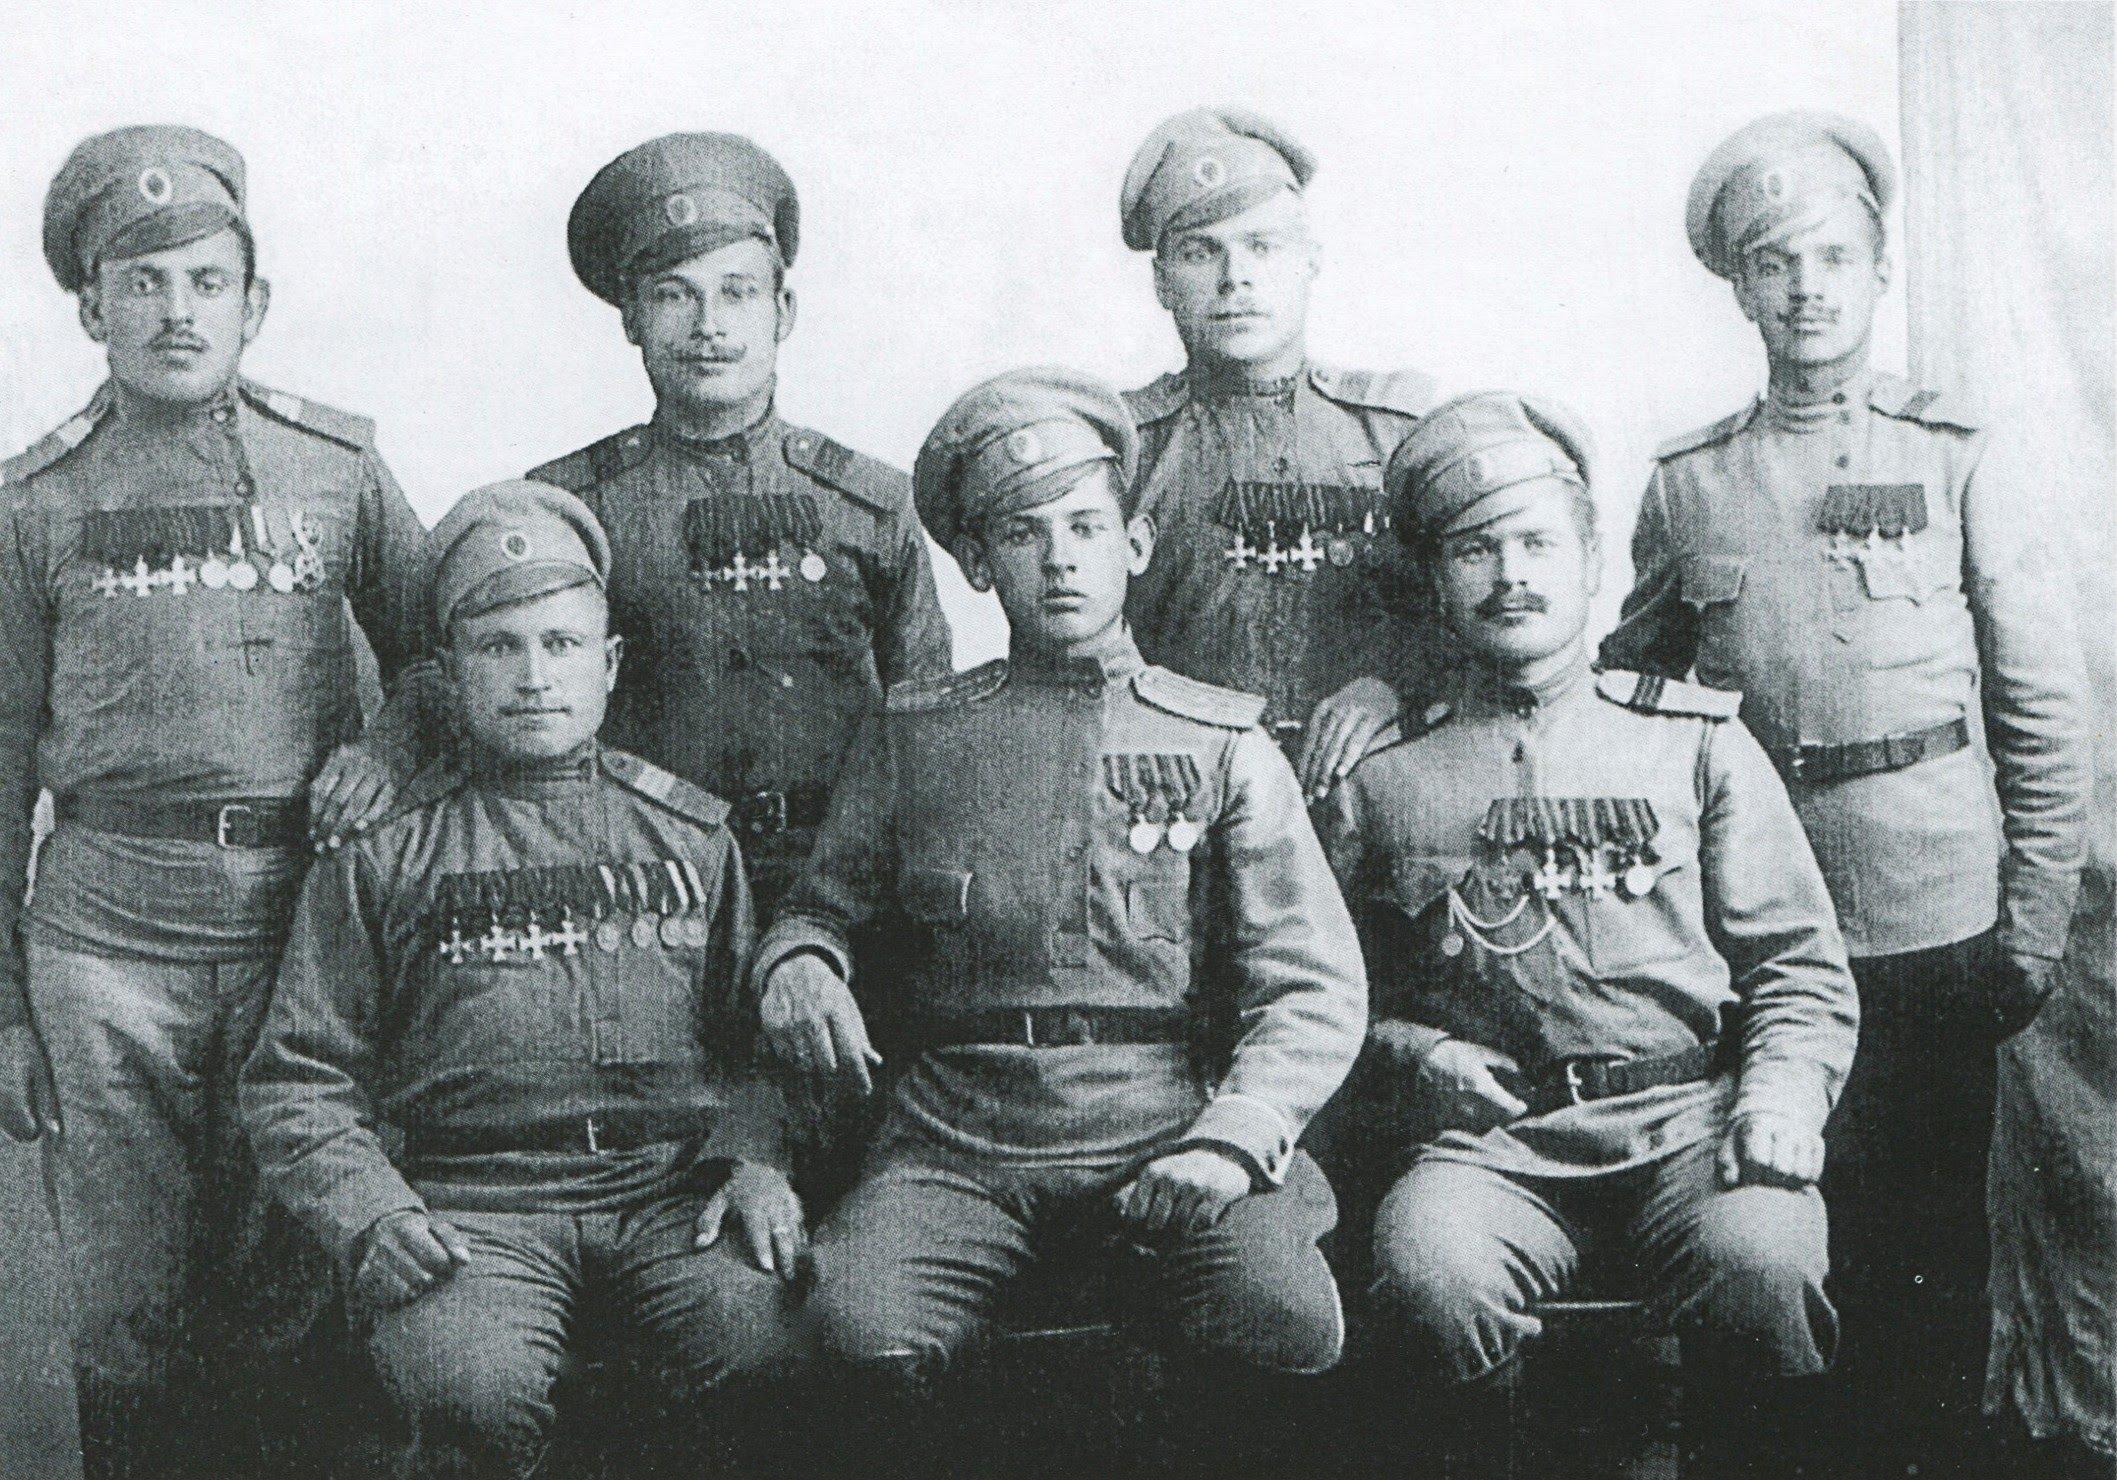 козьма крючков первый герой первой мировой войны казак отвратительные мужики disgusting men